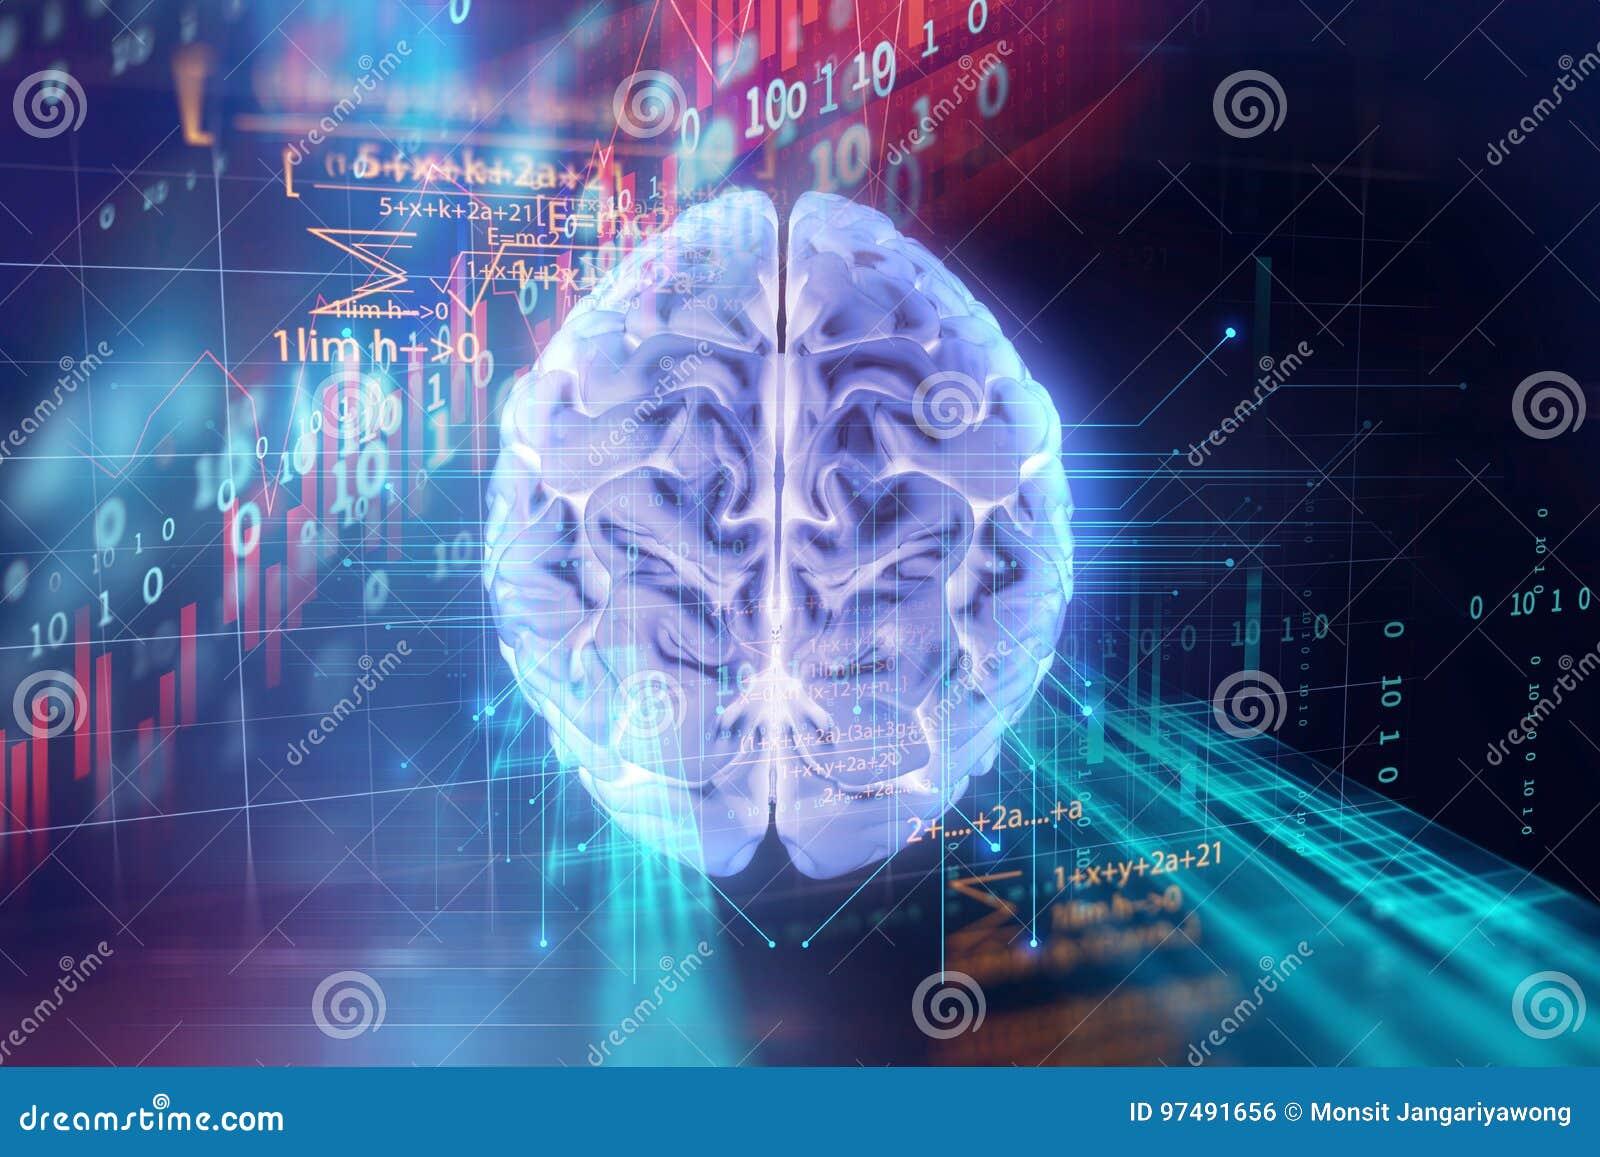 Rappresentazione 3d del cervello umano sul fondo di tecnologia